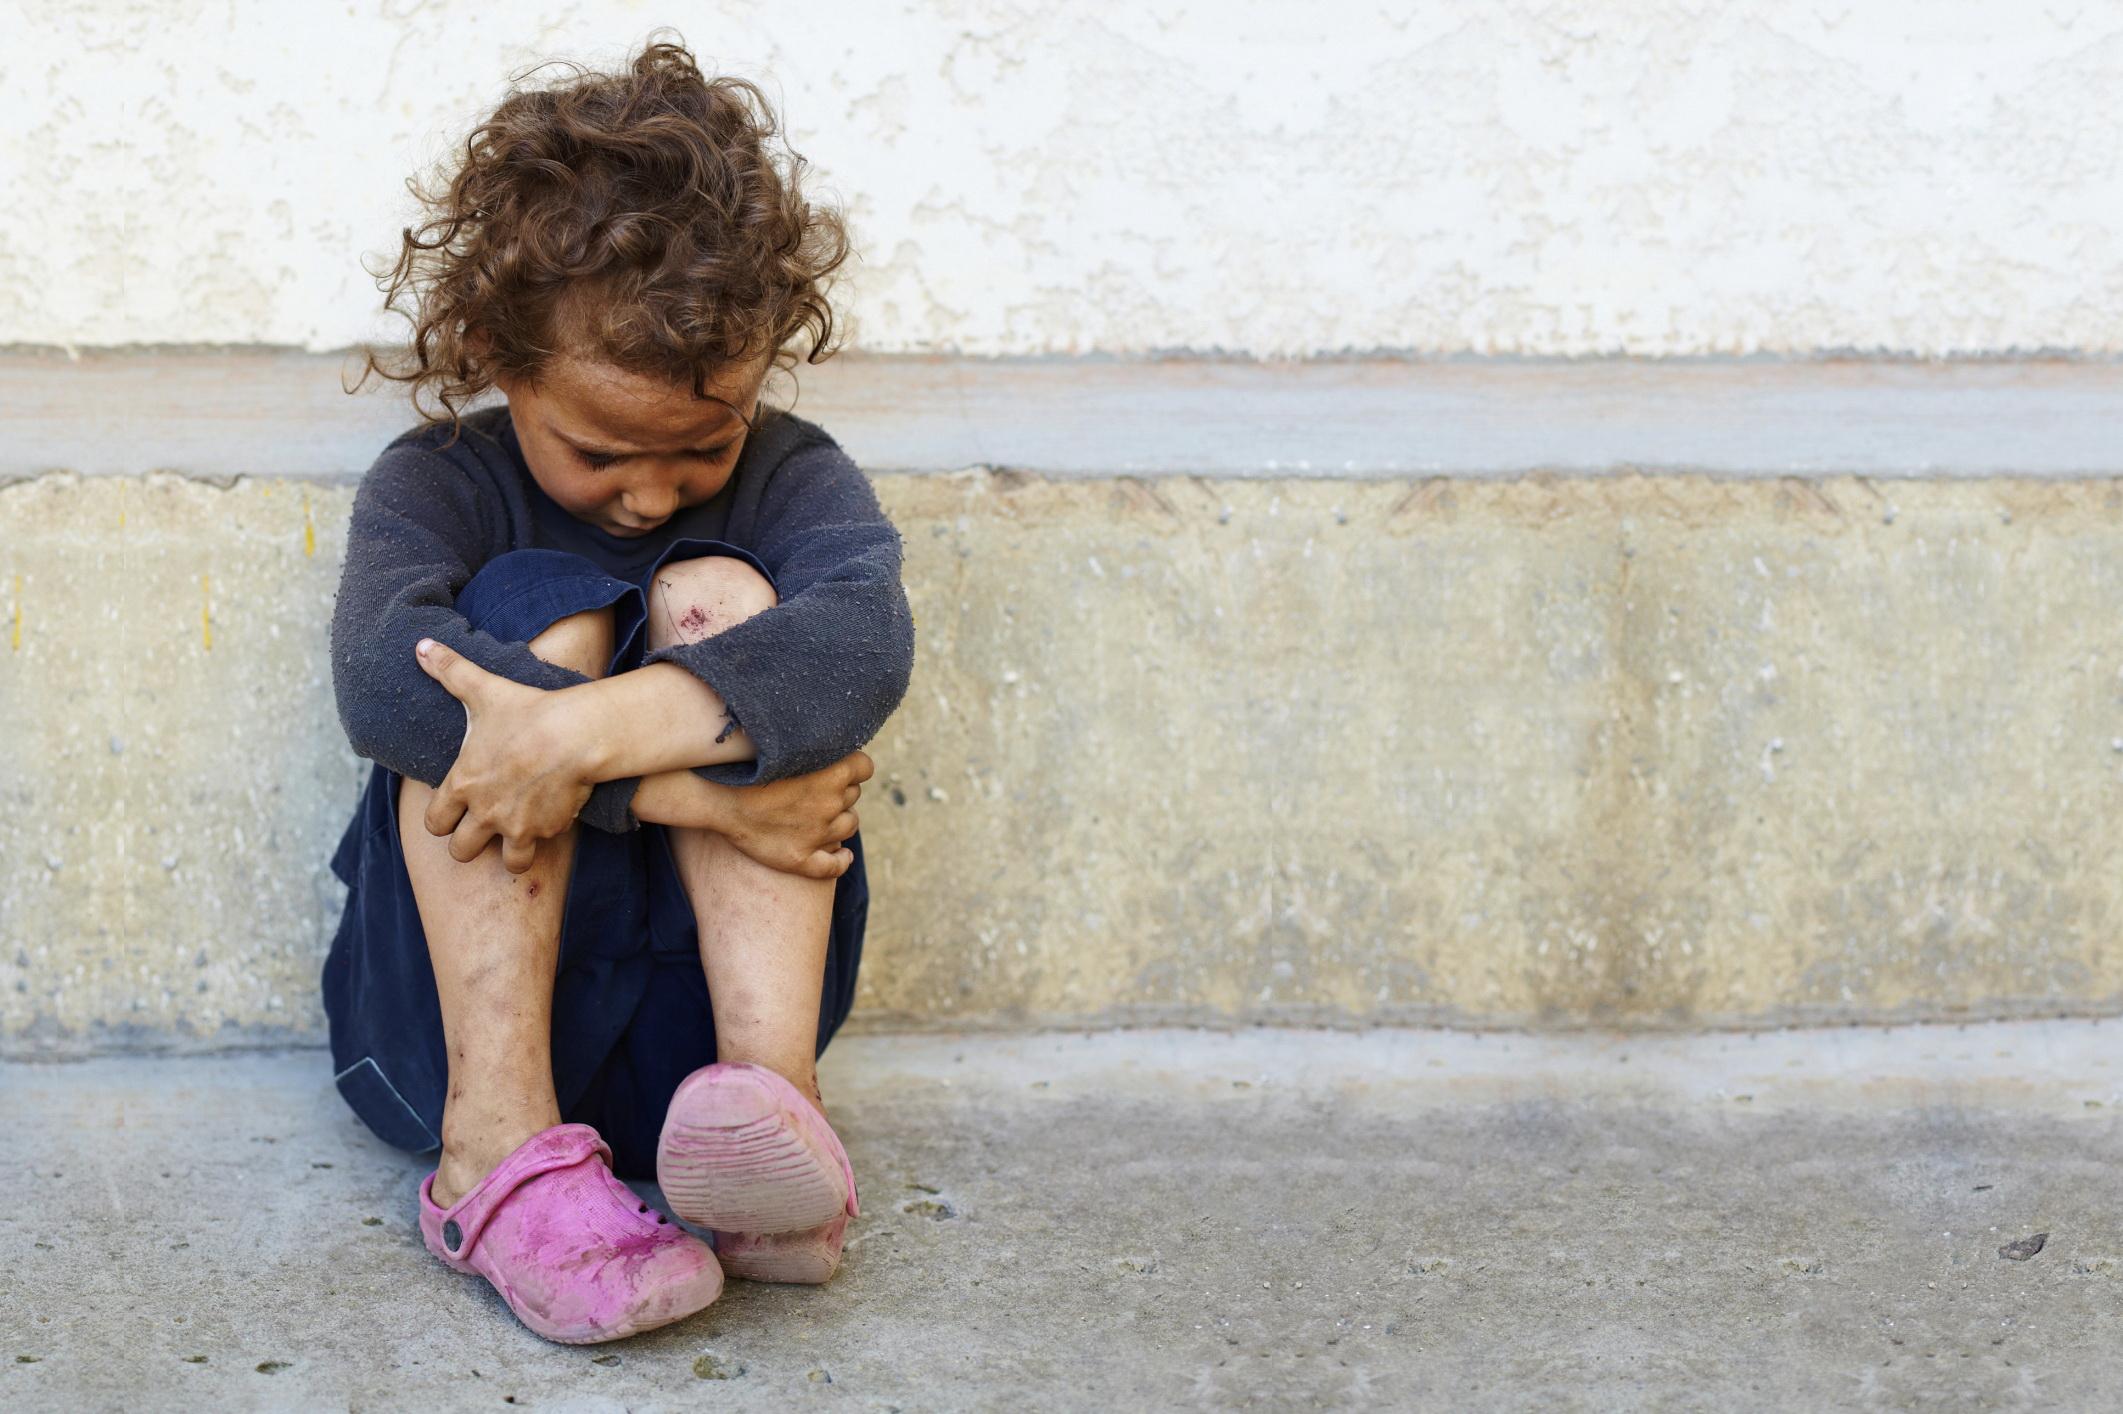 bambino povero e triste